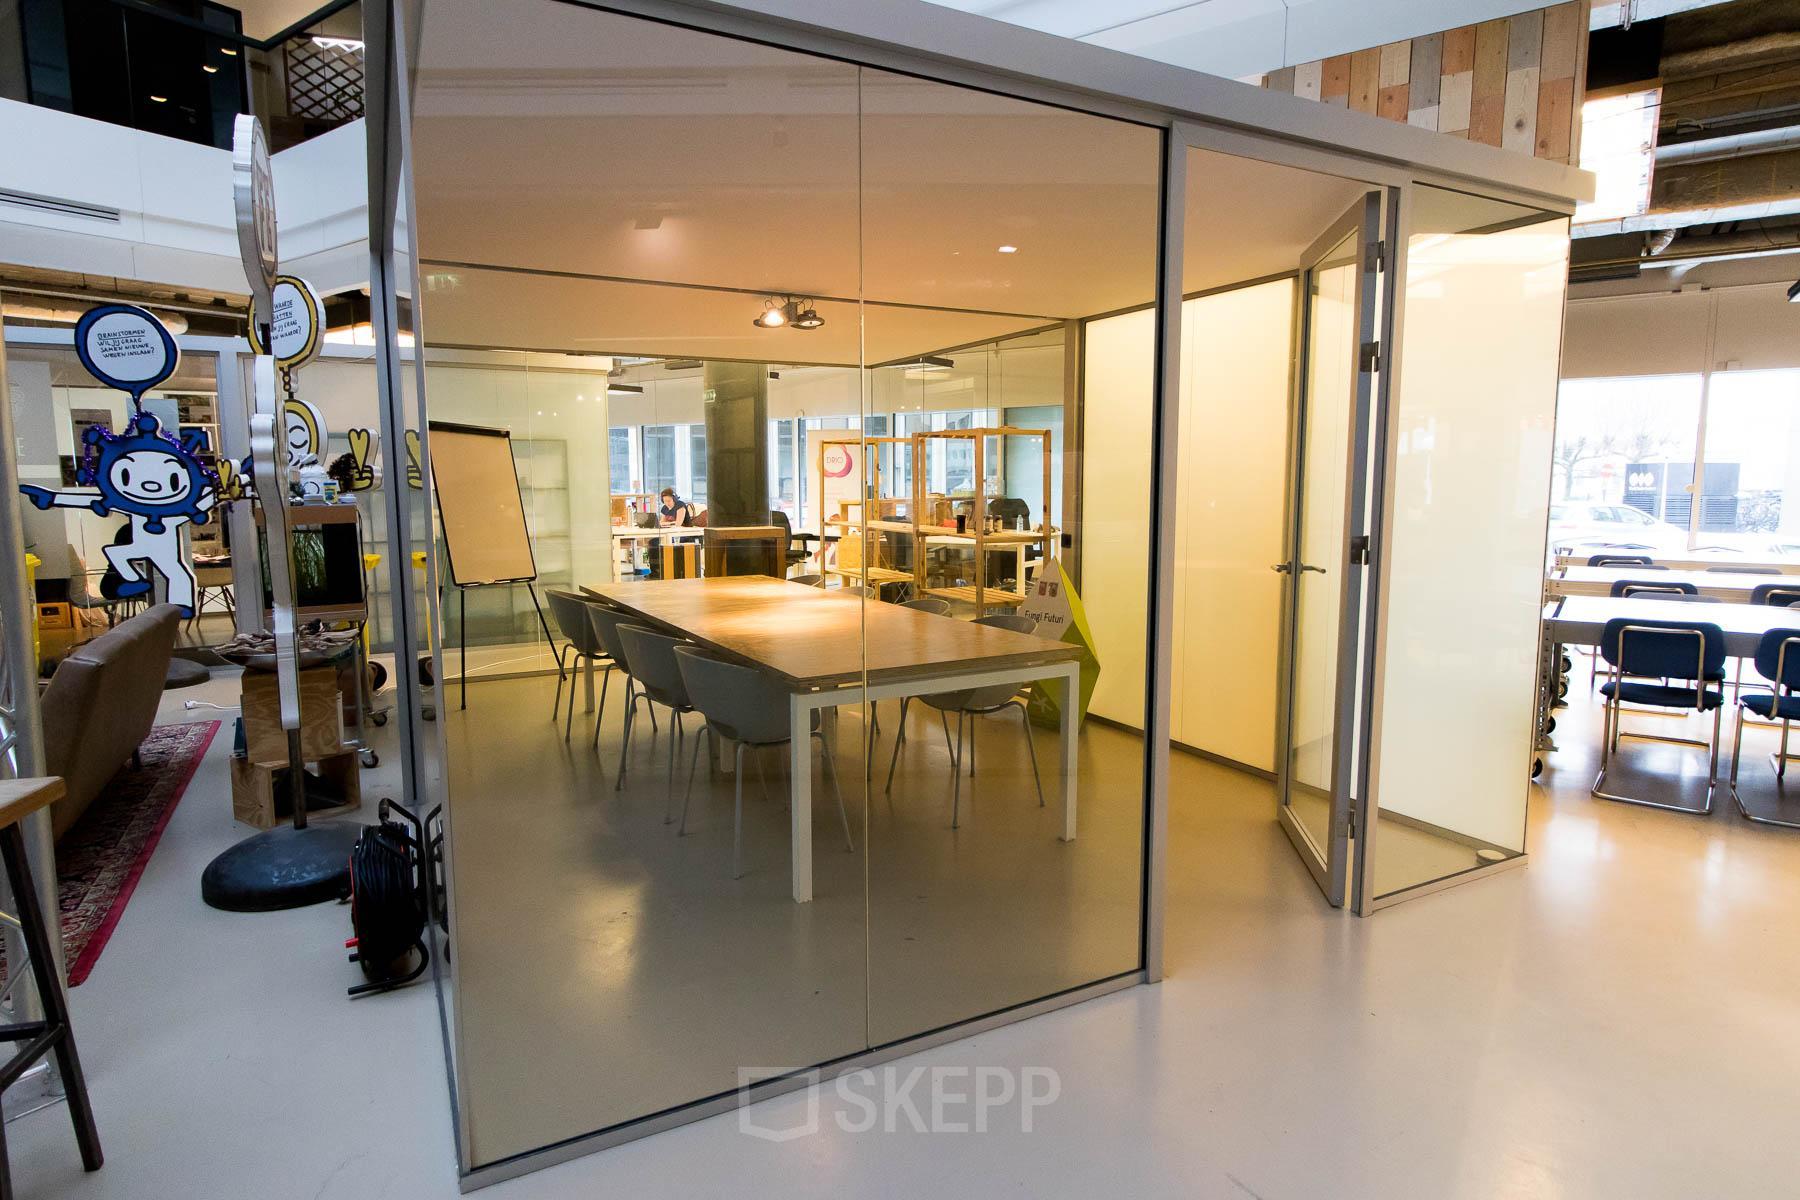 Rollende Keukens Huren : Kantoorruimte huren aan bogert 1 in eindhoven? skepp